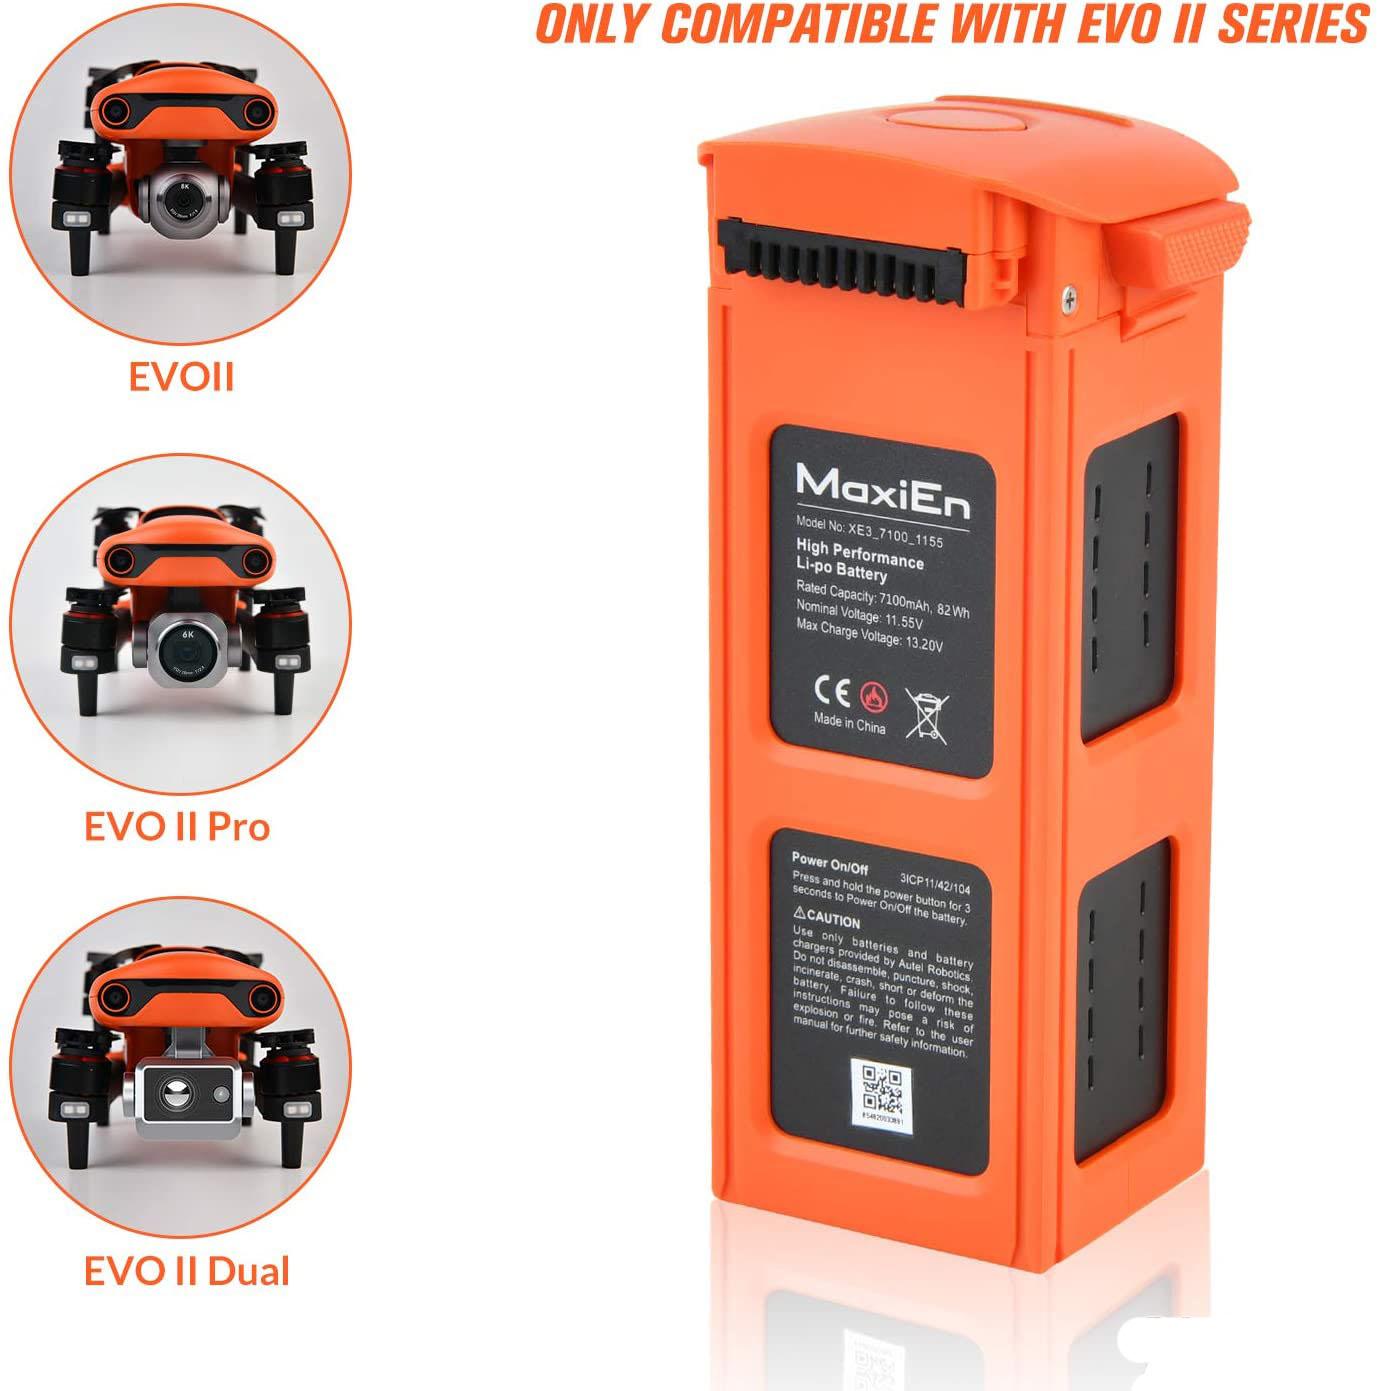 EVOII battery description